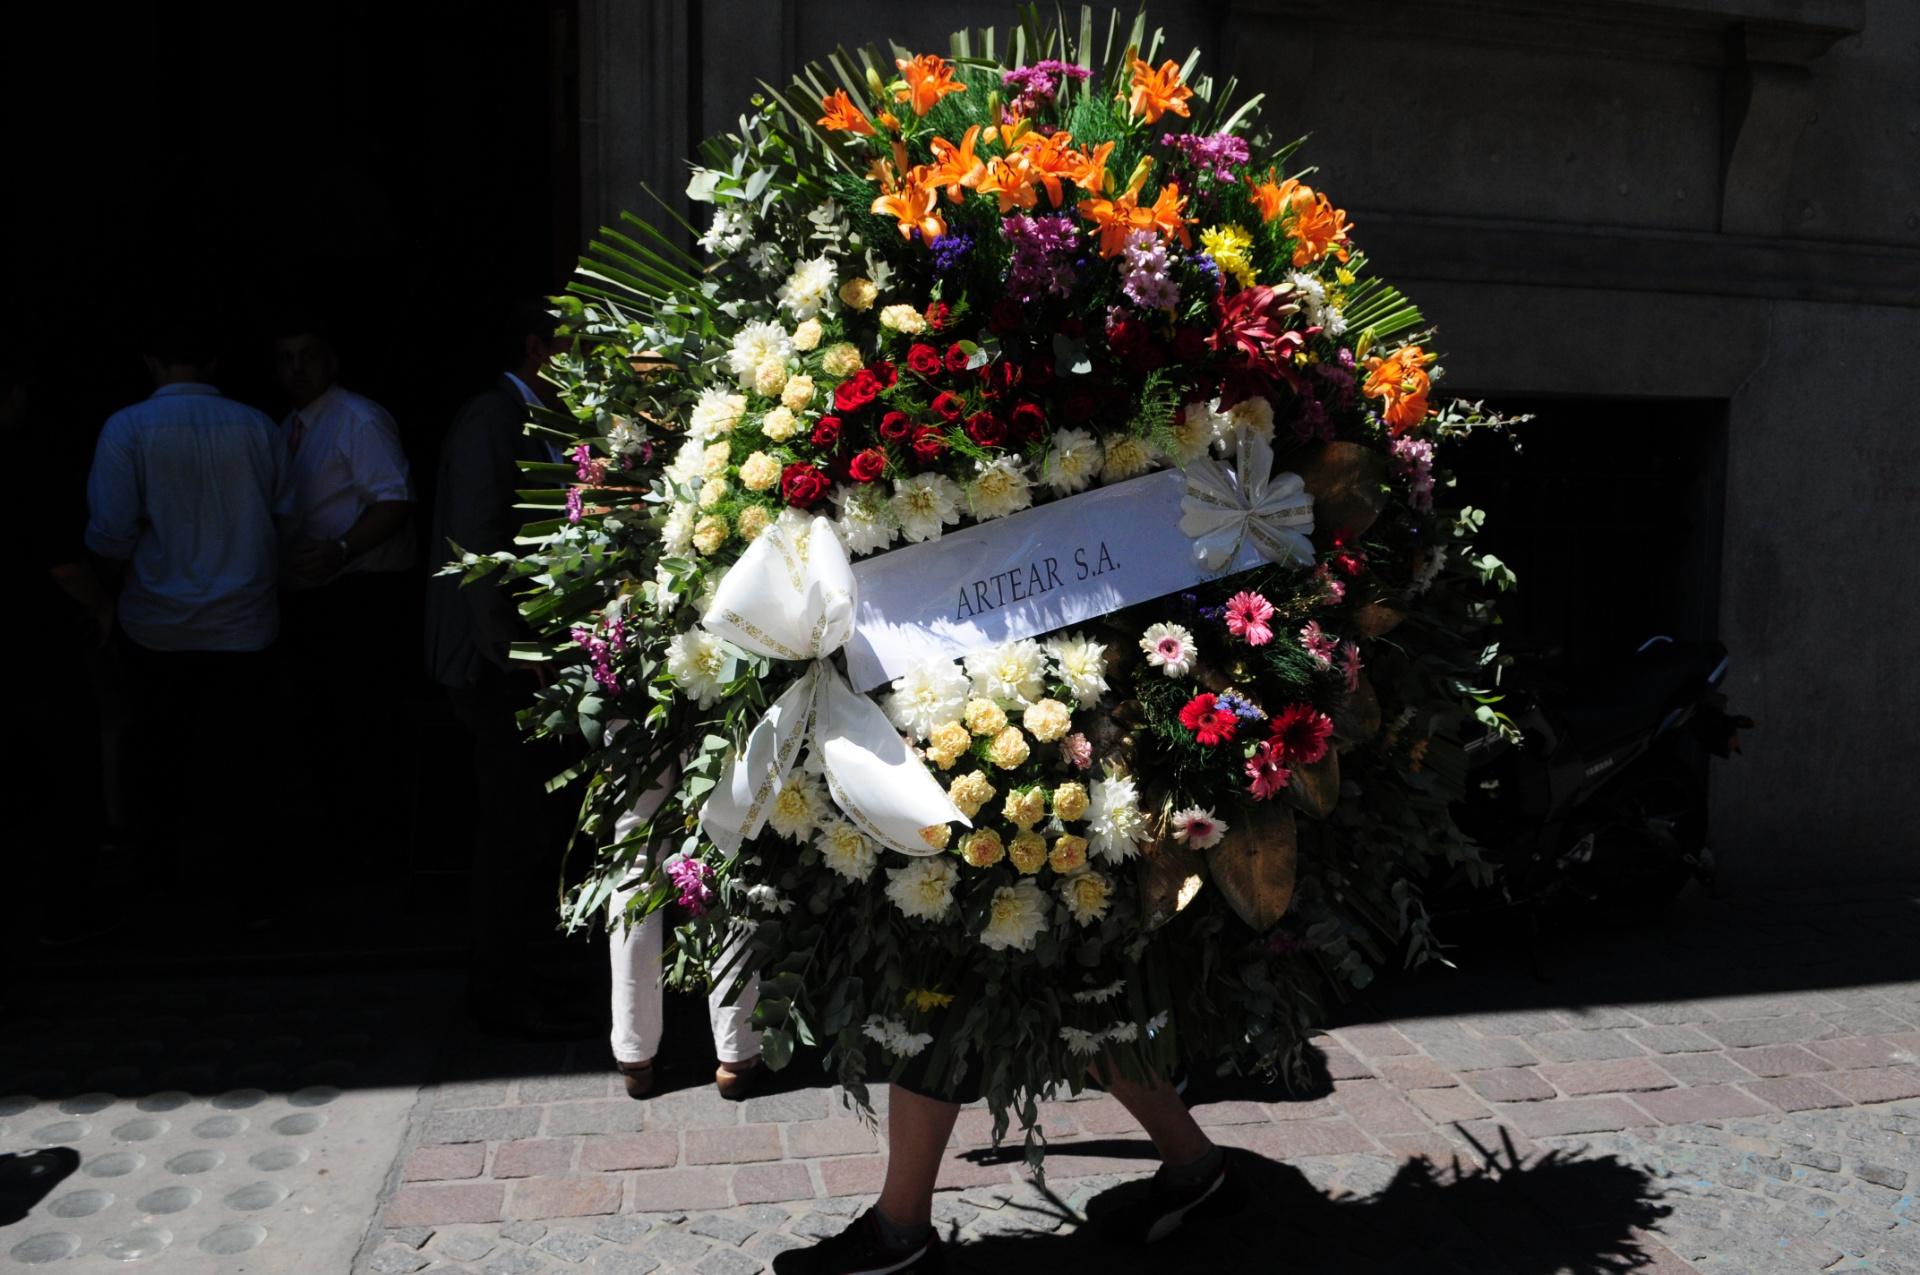 La corona de flores de Artear, la empresa que tiene la licitación de Canal 13